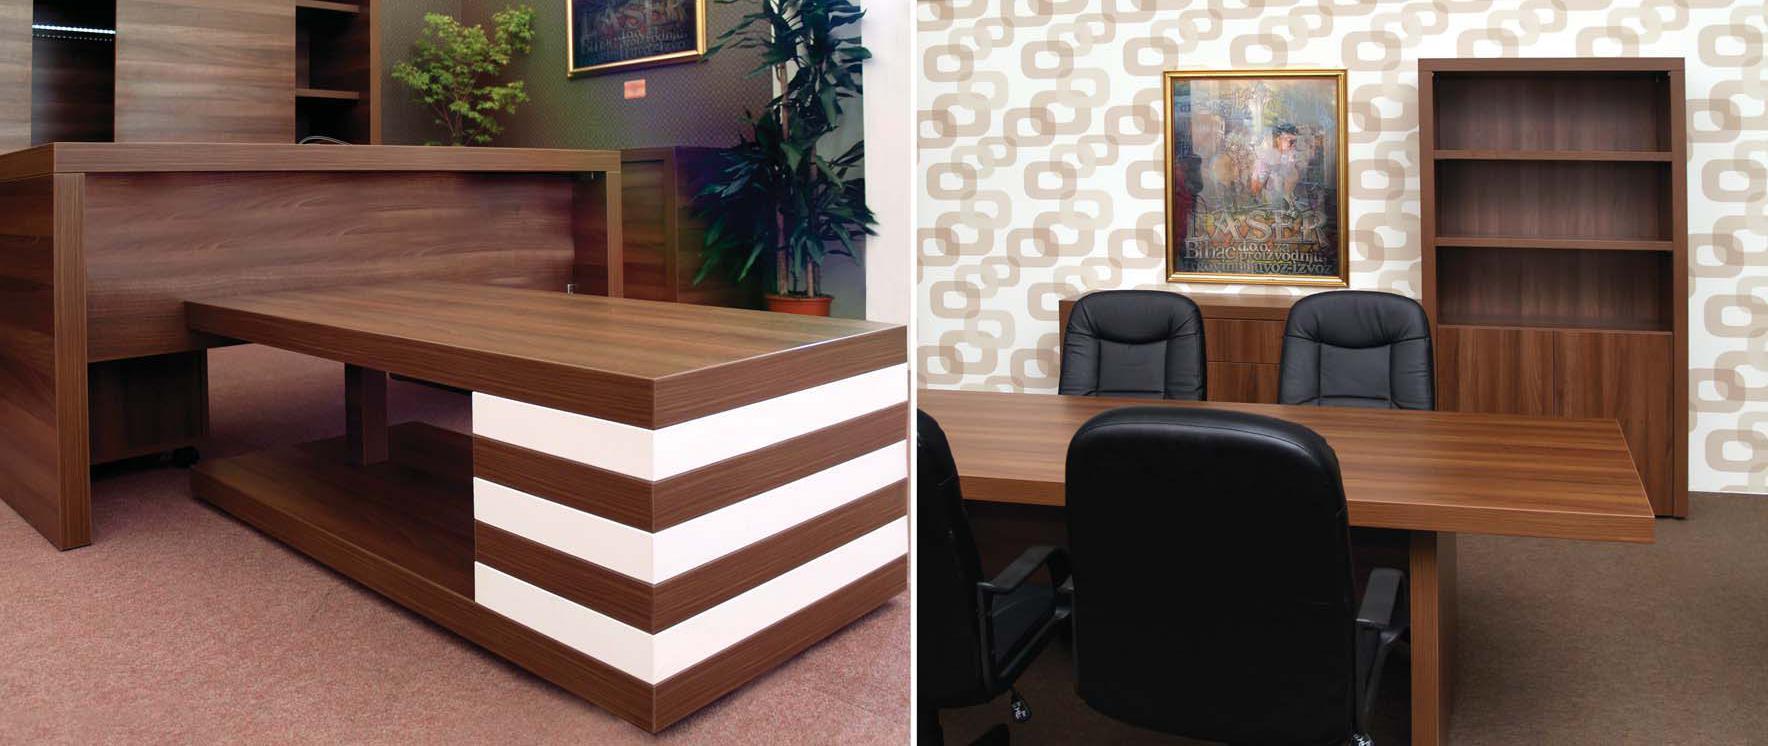 Set per stanza ufficio design 100 0 500 0 pezzi for Design stanza ufficio